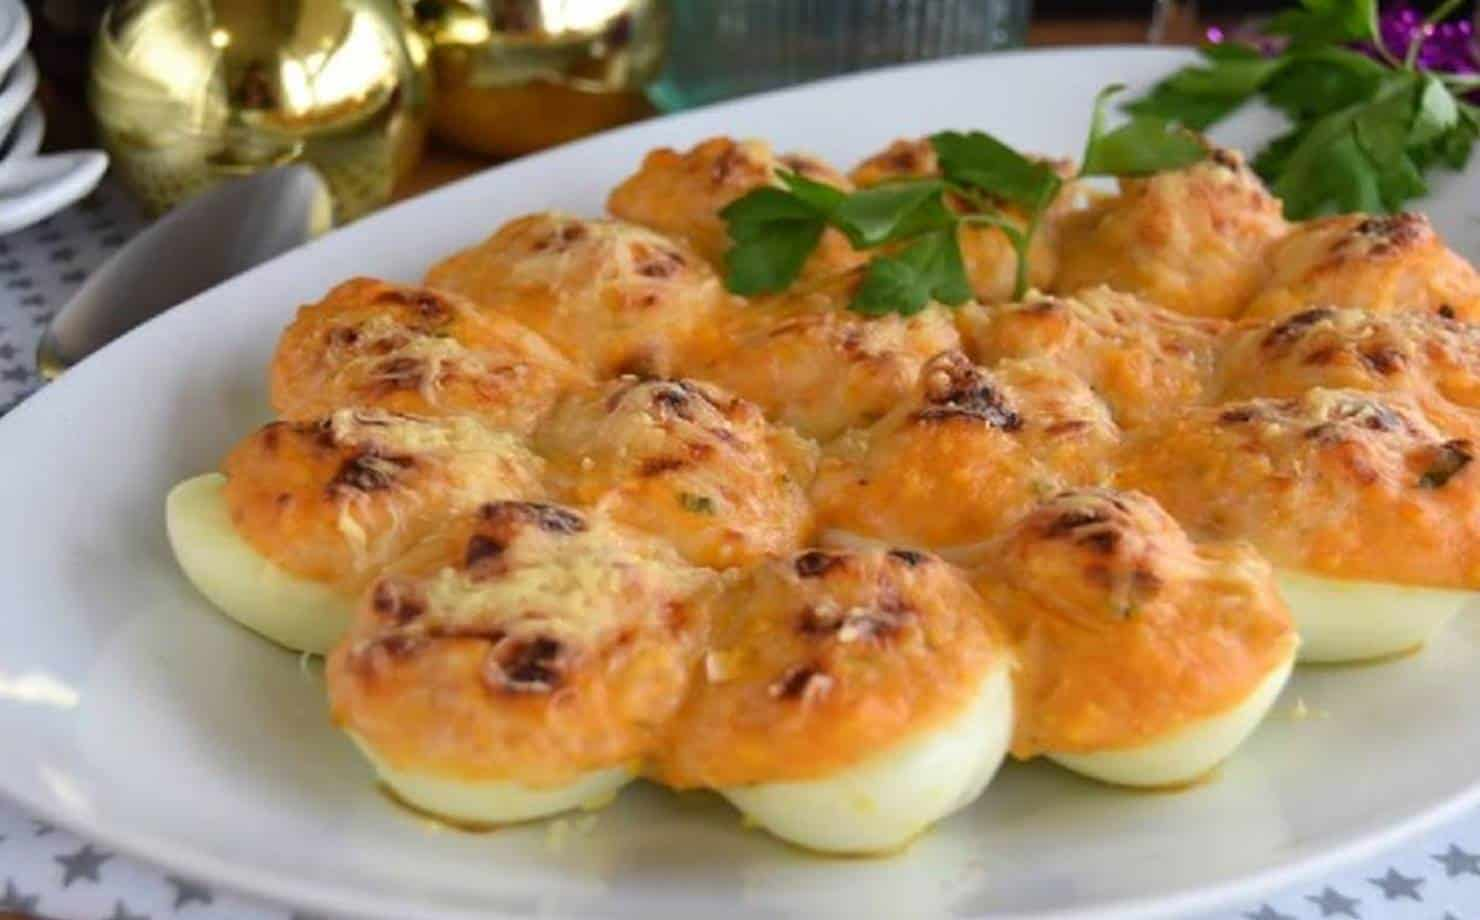 Rico e nutritivo: deliciosos ovos recheados com bacalhau